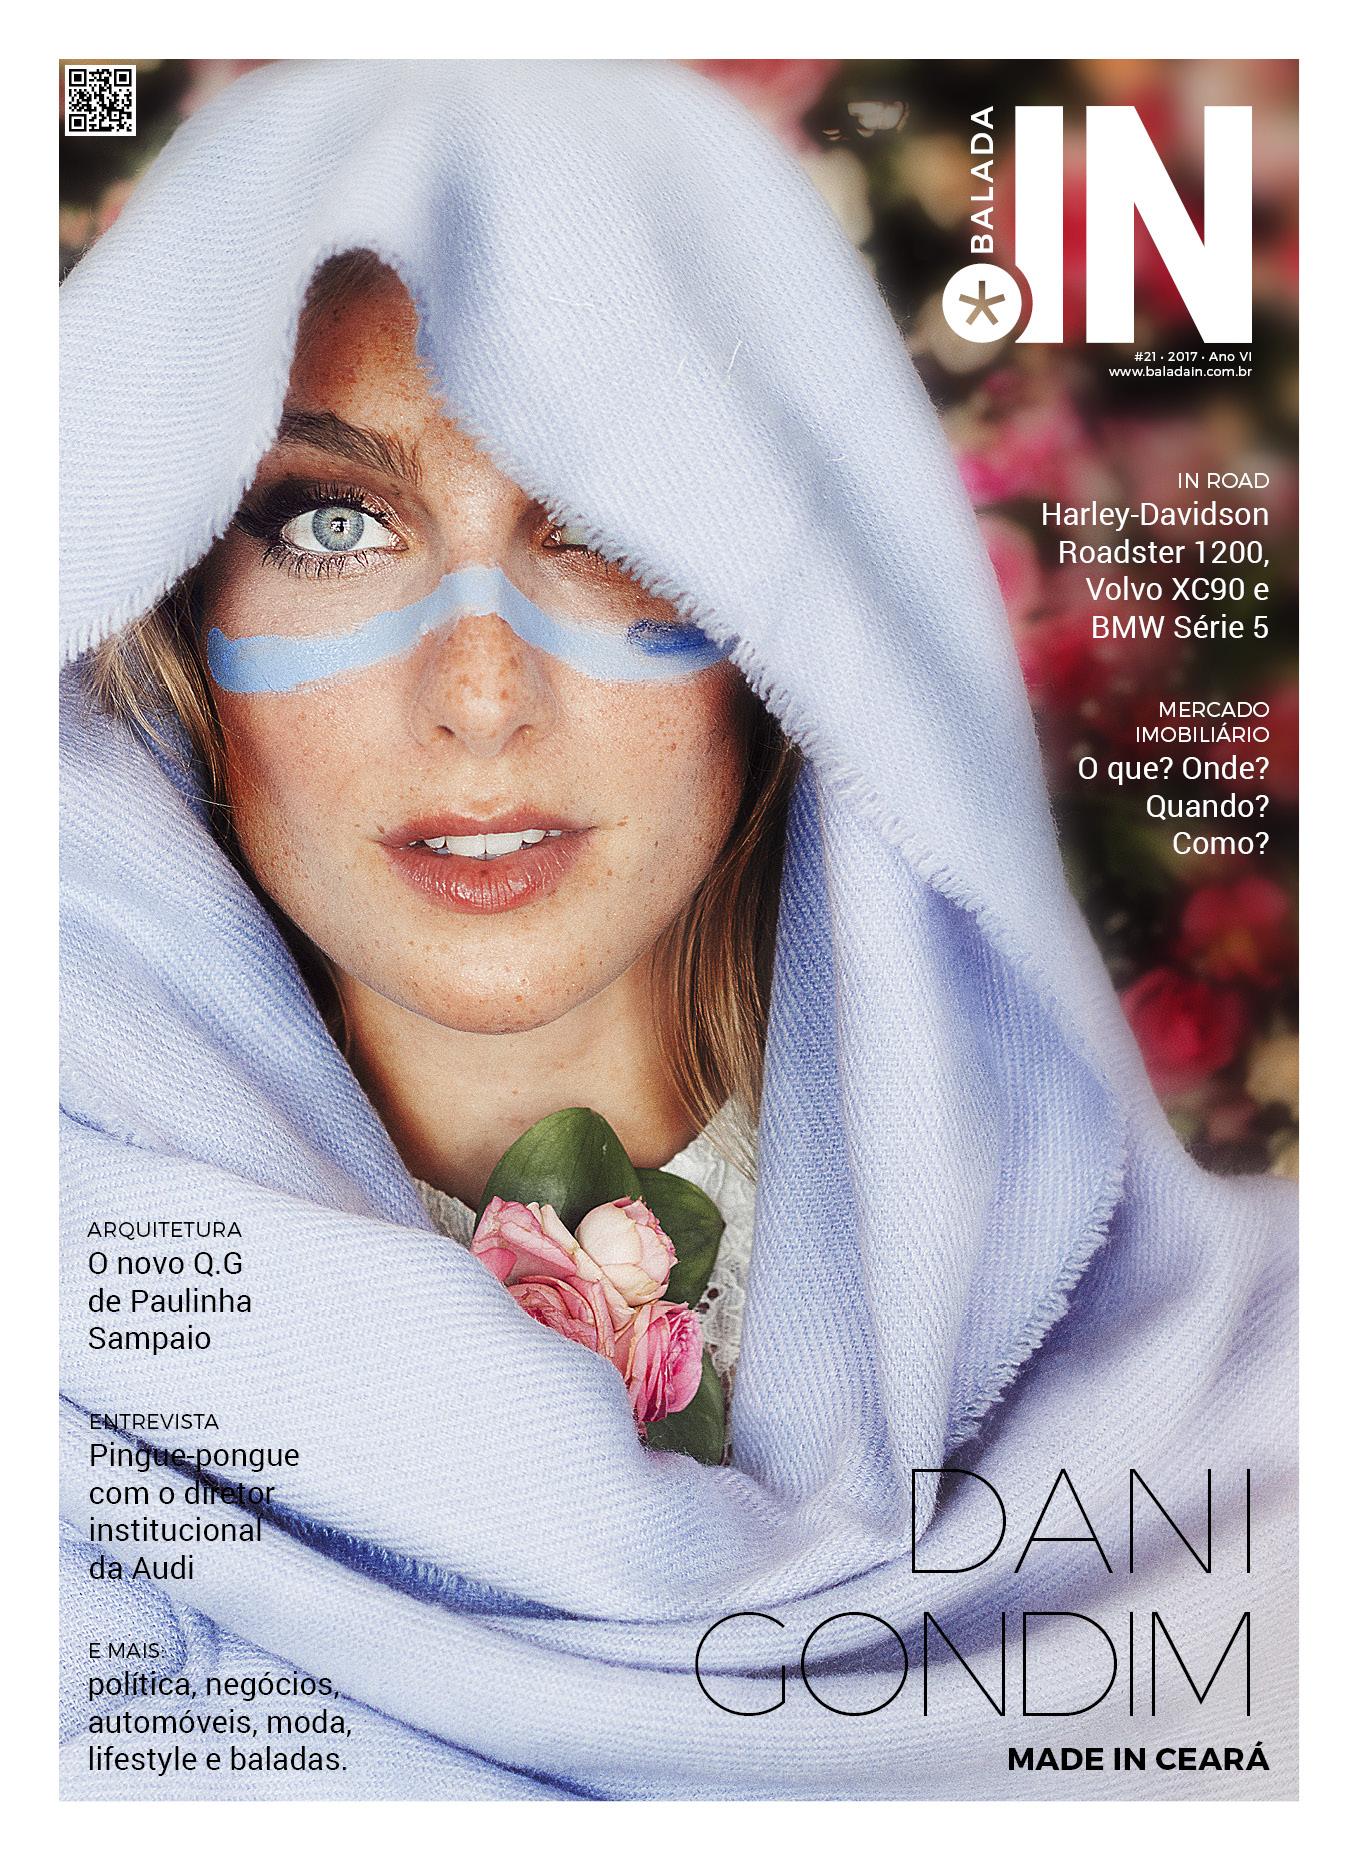 Edição: Dani Gondim